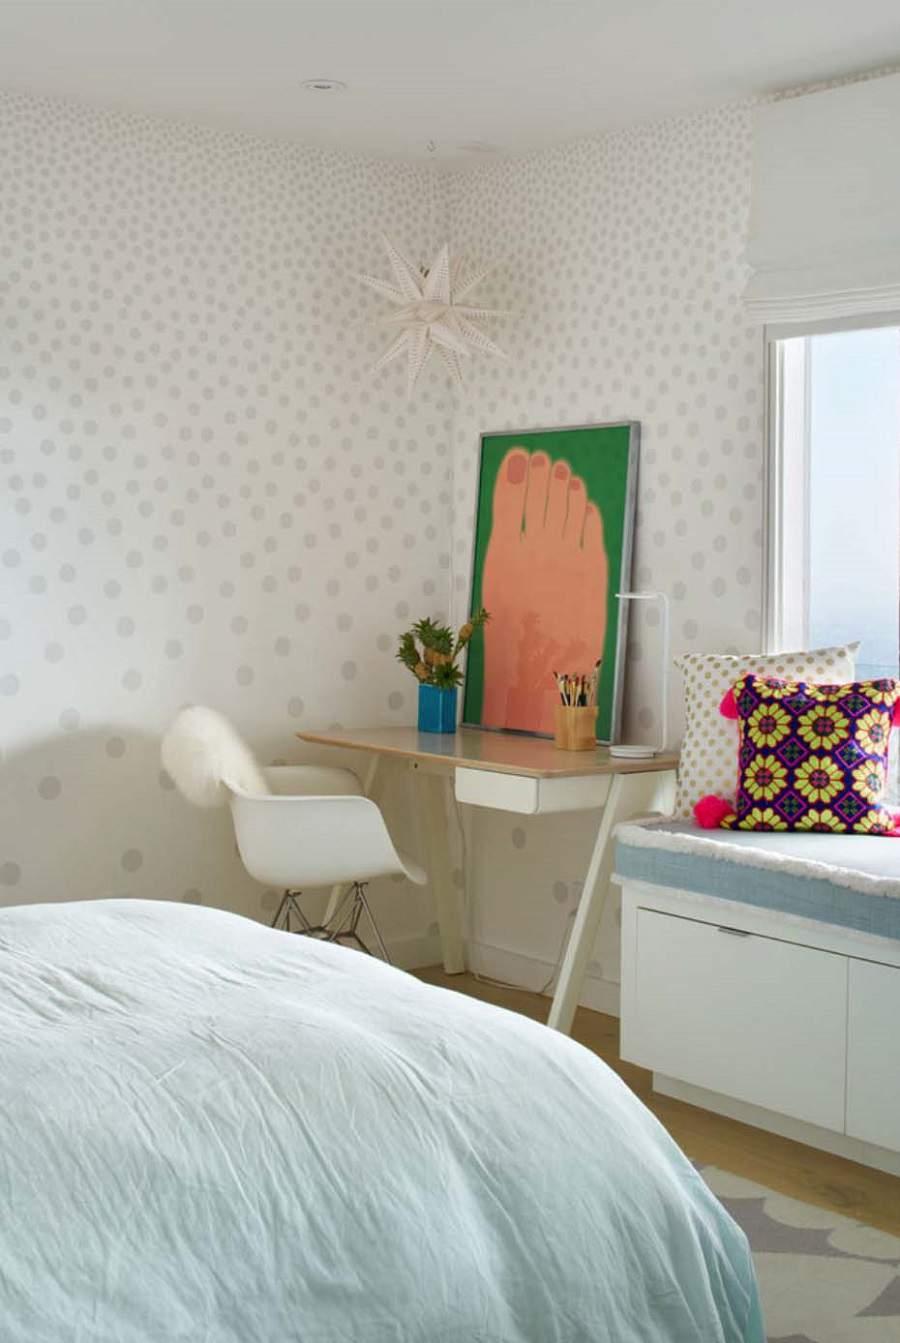 mẫu nhà cấp 4 đẹp ở nông thôn cho căn phòng của bé